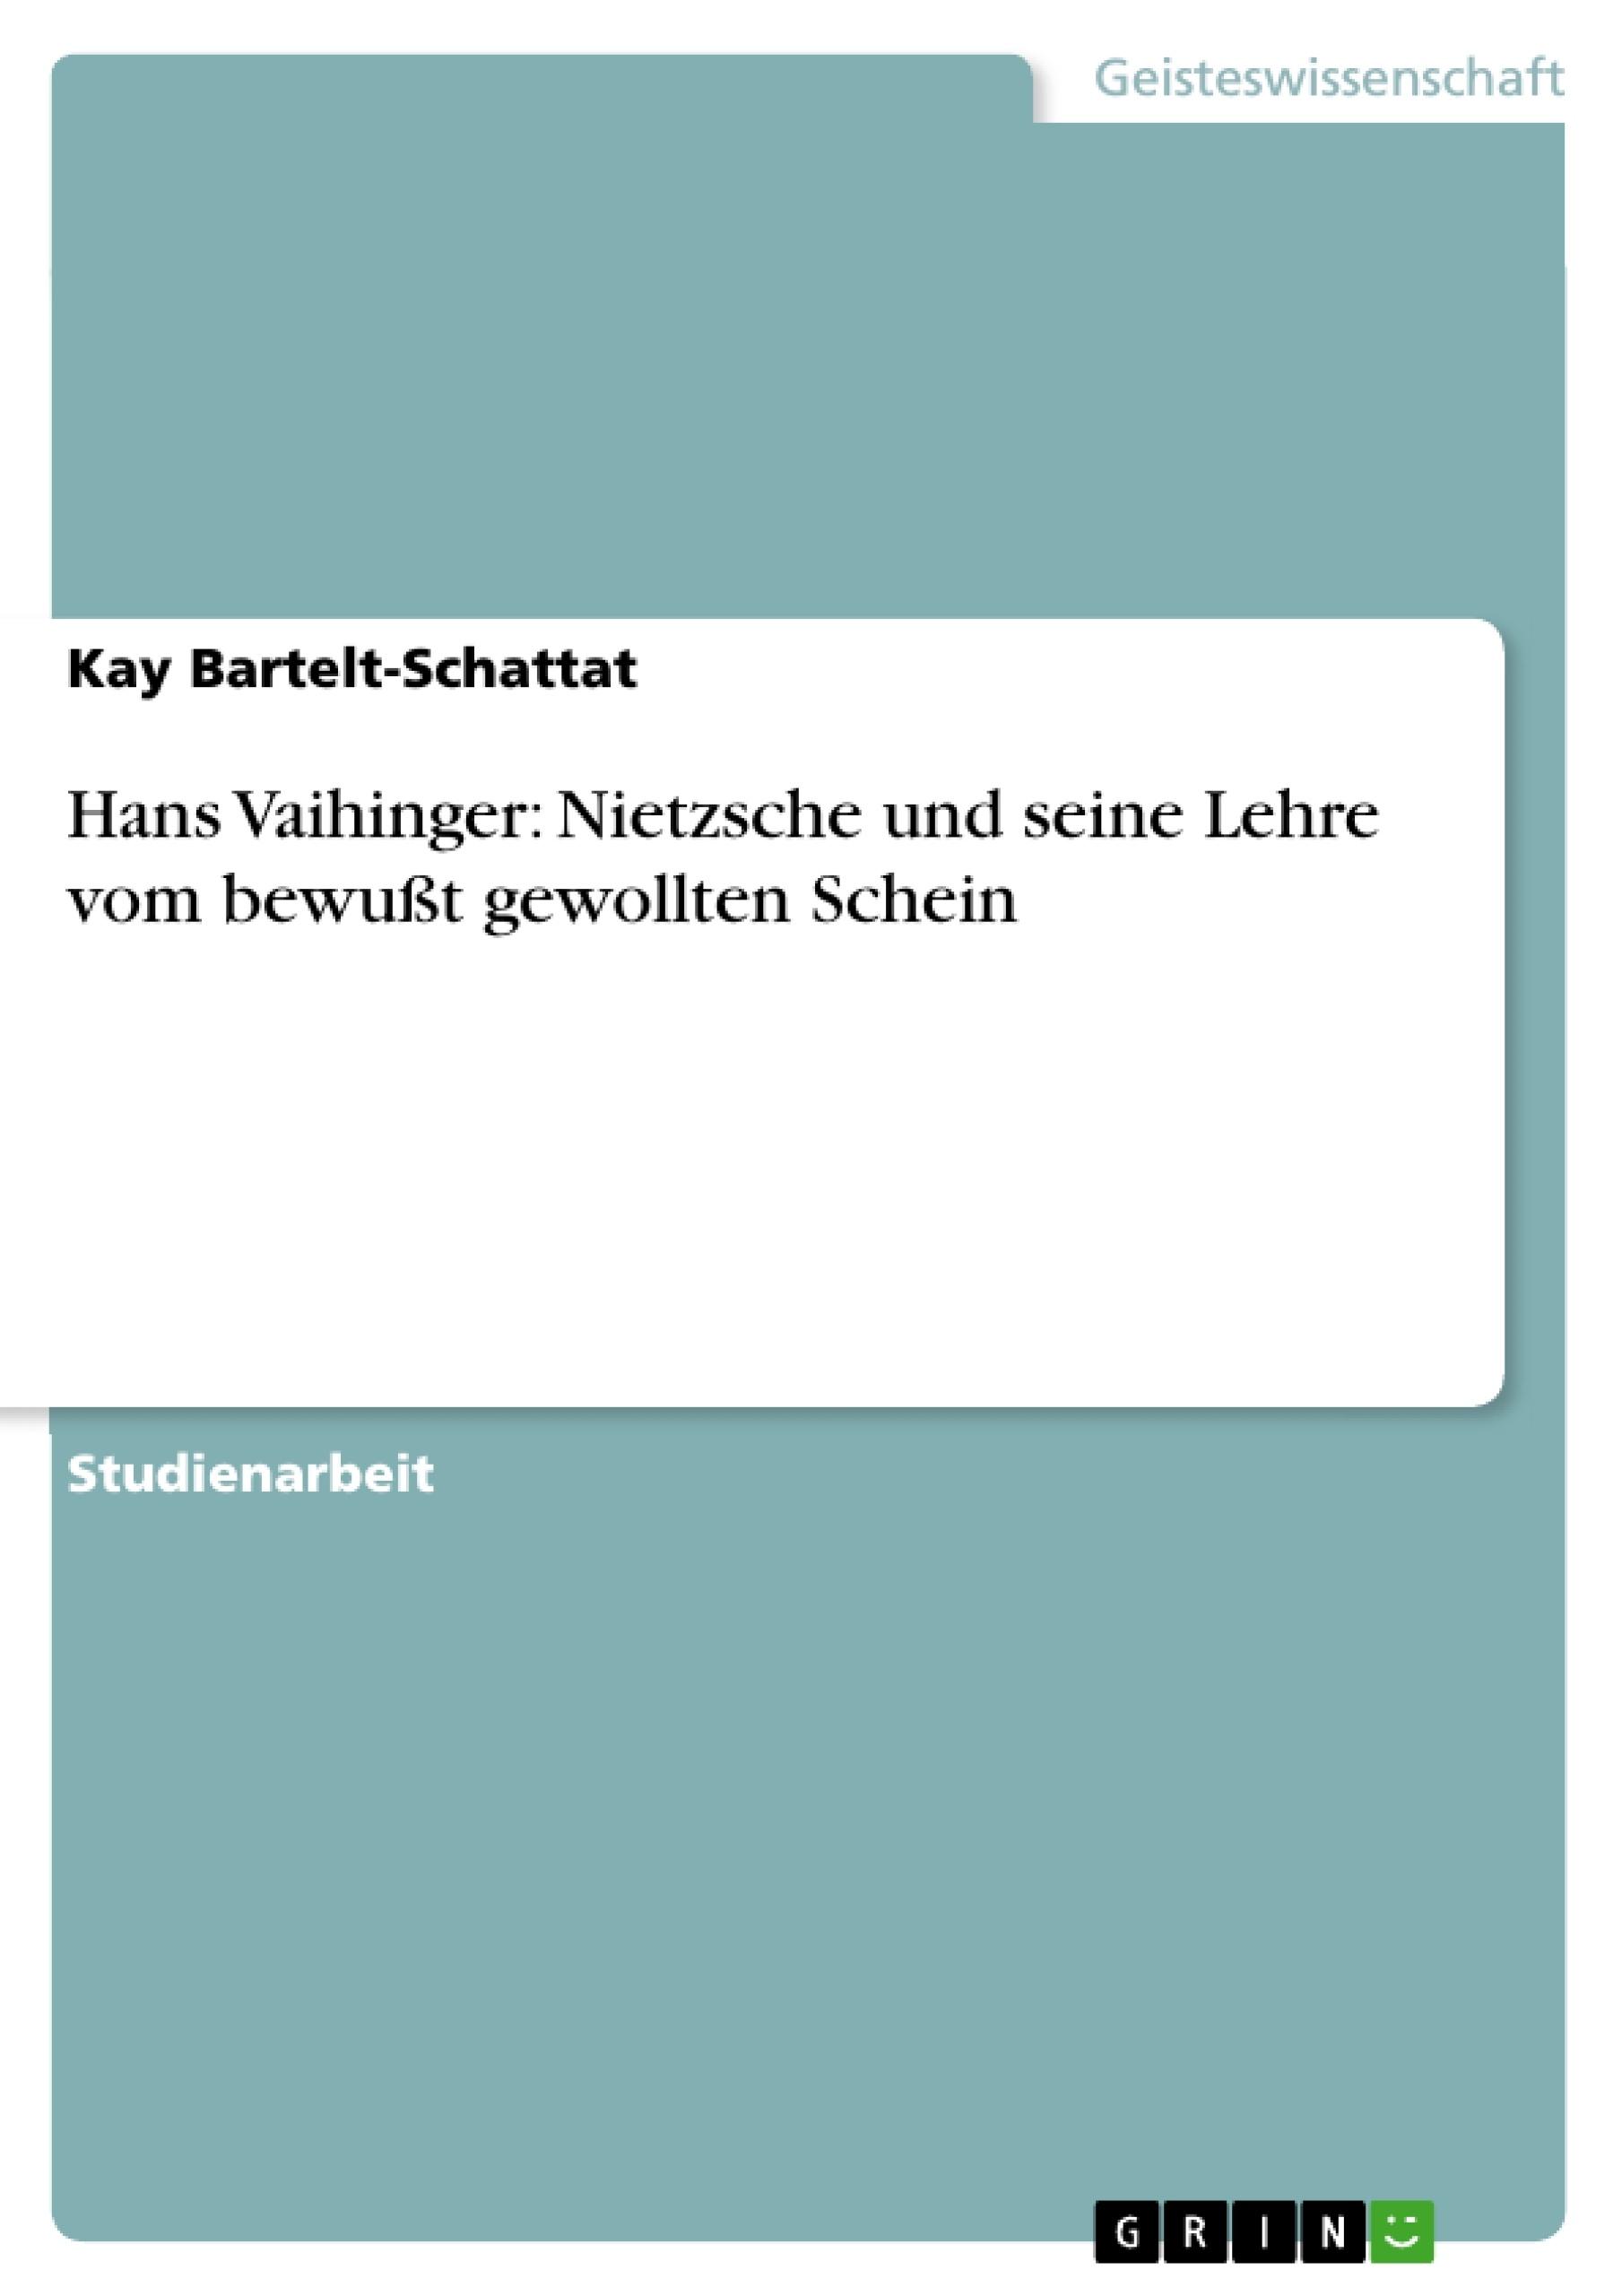 Titel: Hans Vaihinger: Nietzsche und seine Lehre vom bewußt gewollten Schein